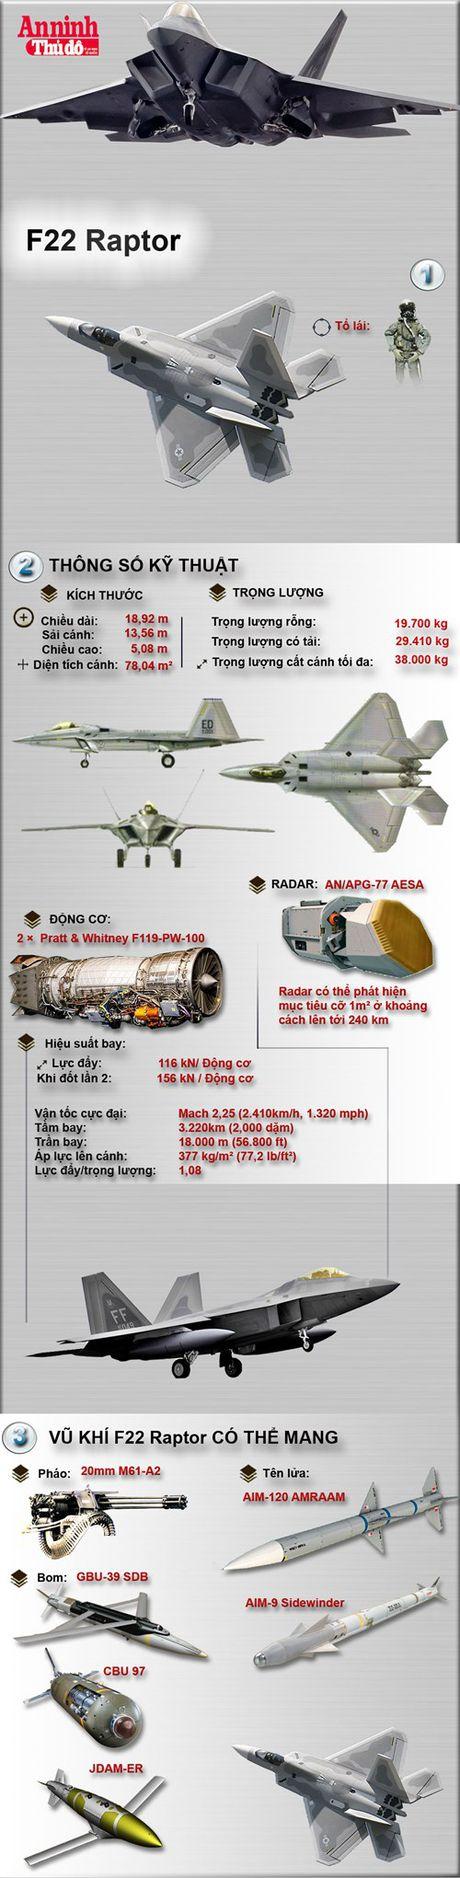 """Suc manh """"Chim an thit"""" F-22 Raptor My trien khai tai Nhat Ban - Anh 1"""